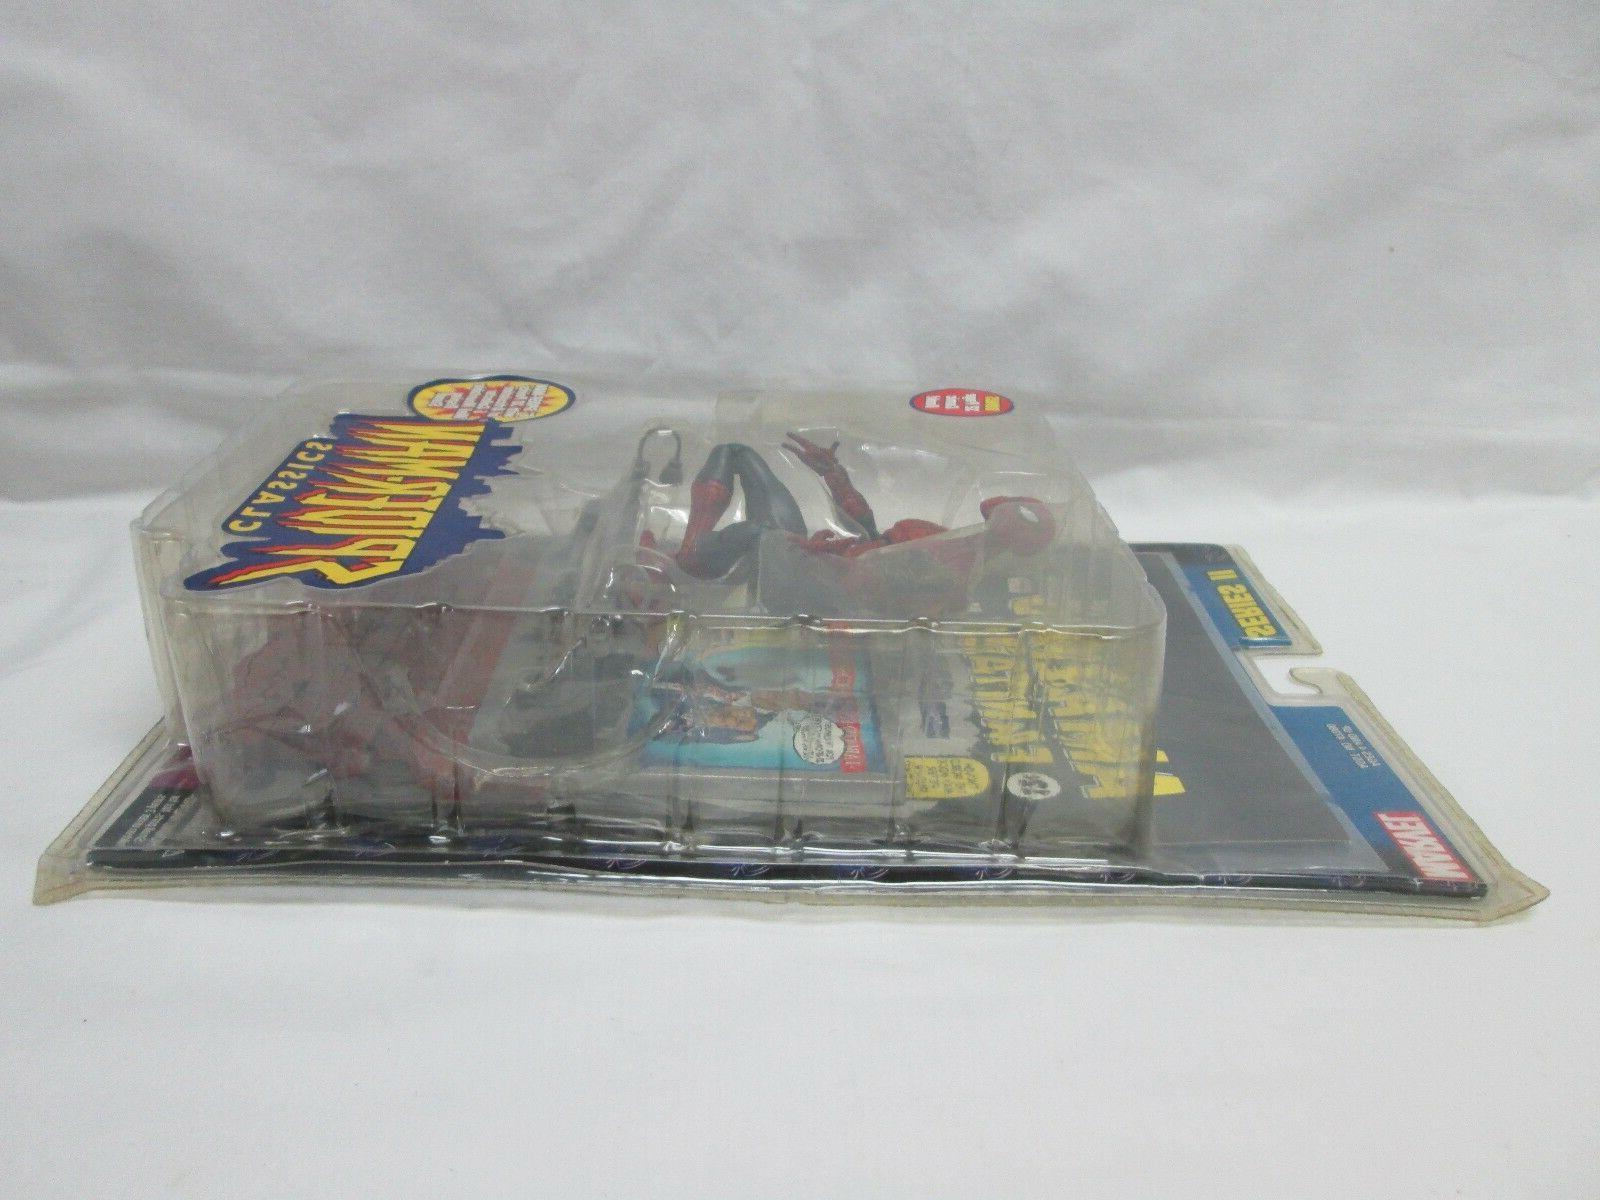 SPIDER Classics 2001